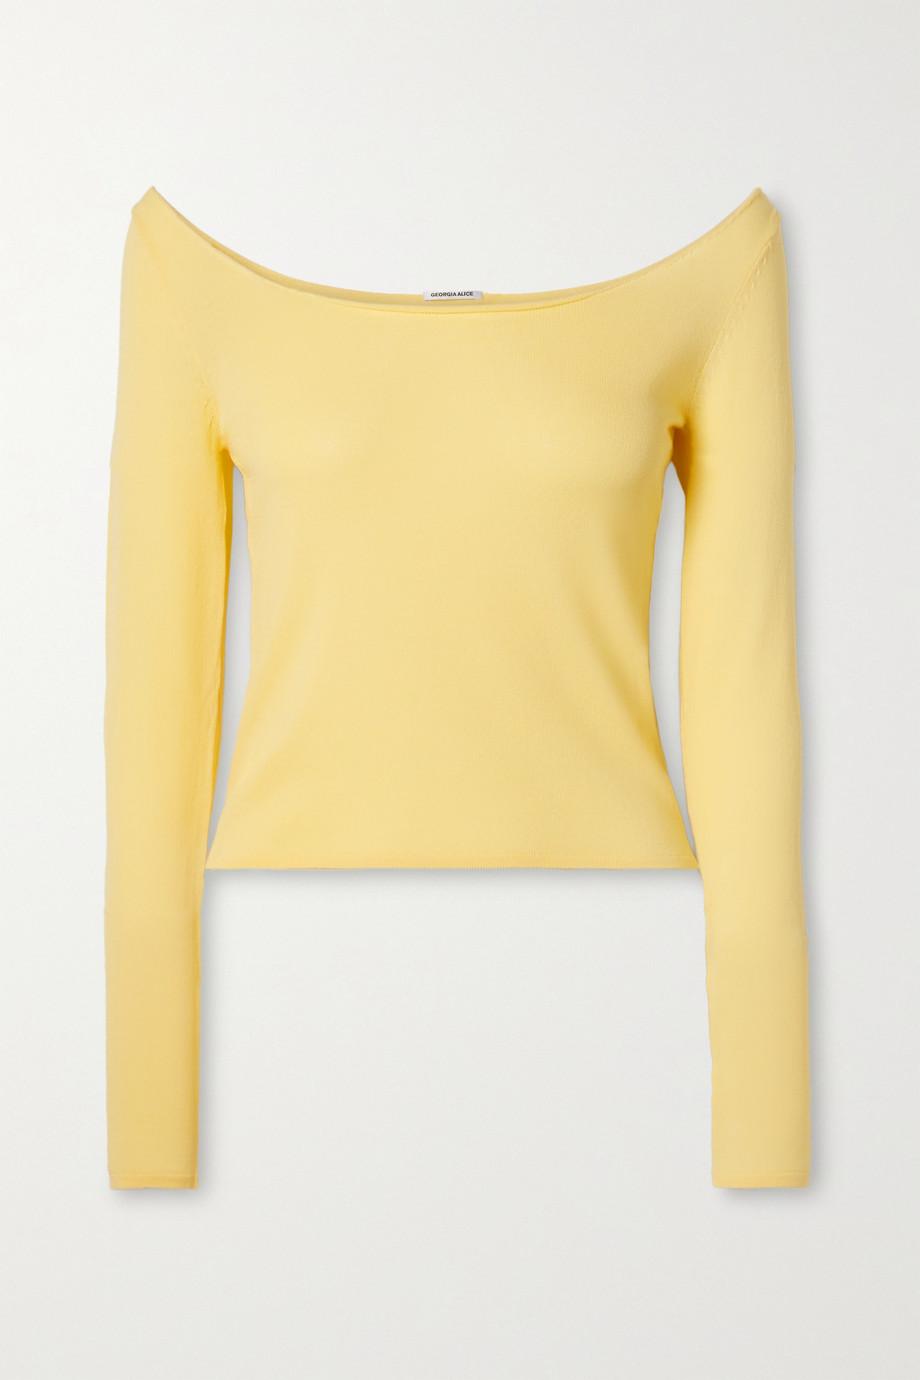 Georgia Alice Pearl stretch-knit top